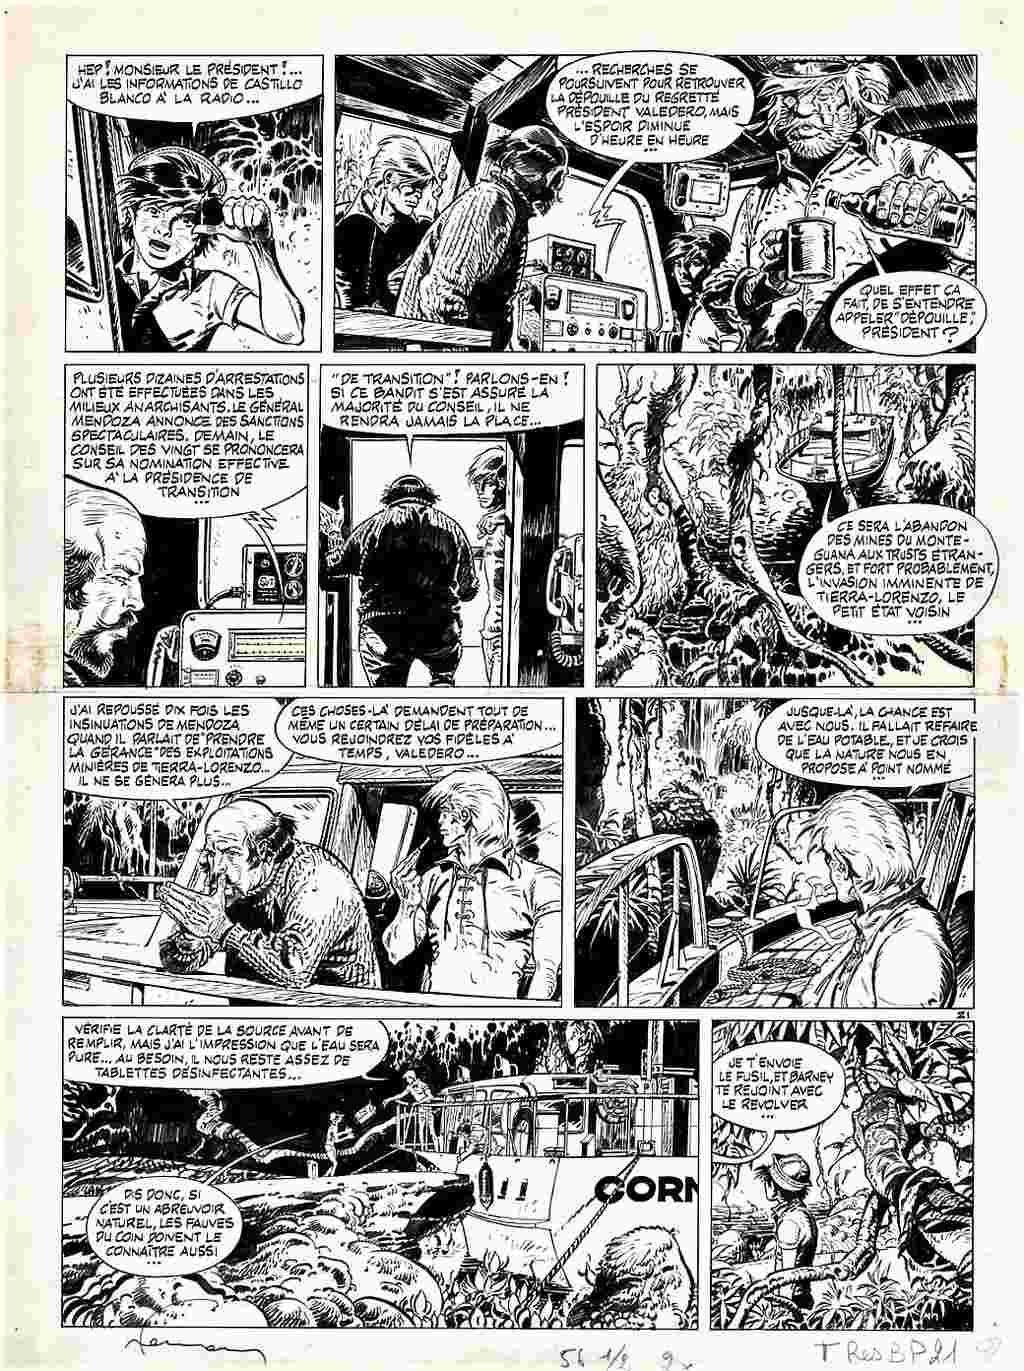 Hermann le dessinateur sans limite - Page 15 Herman12